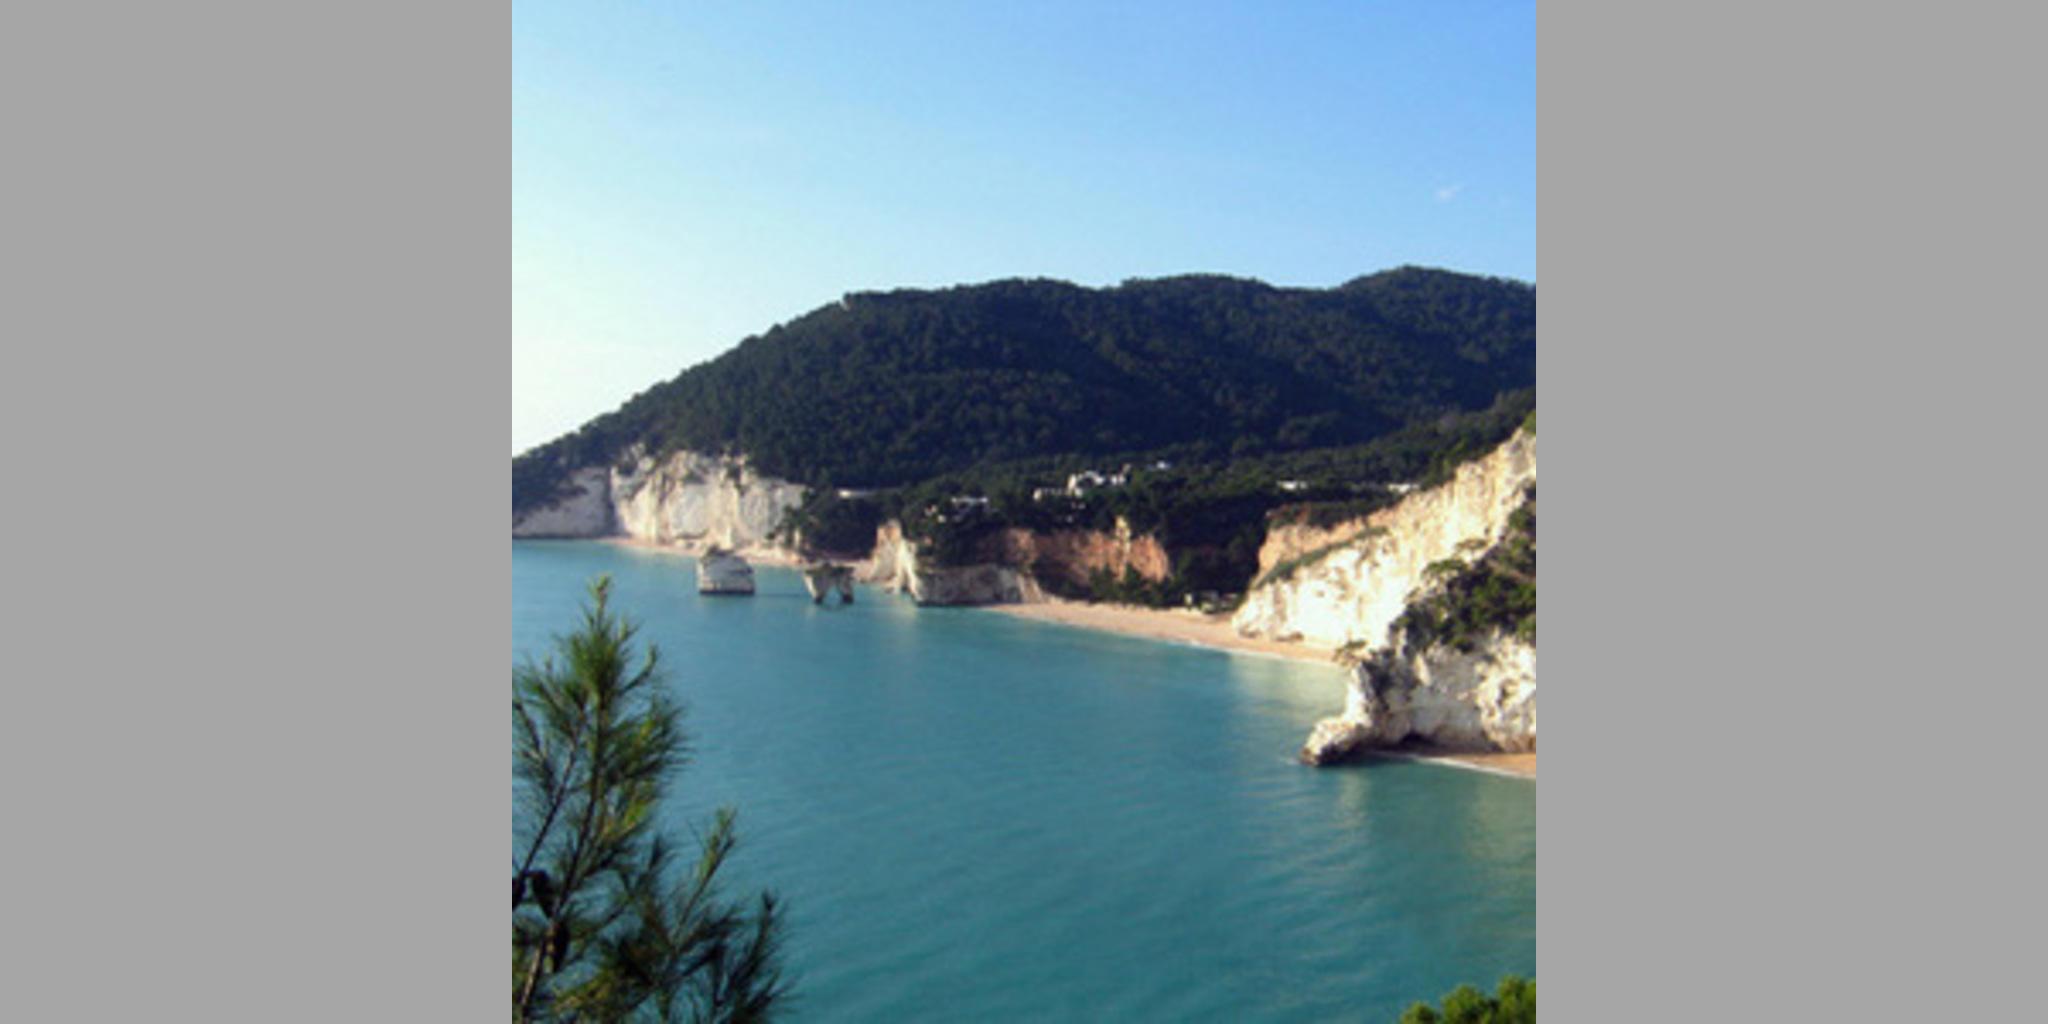 Bed & Breakfast Manfredonia - Campeggio La Bussola